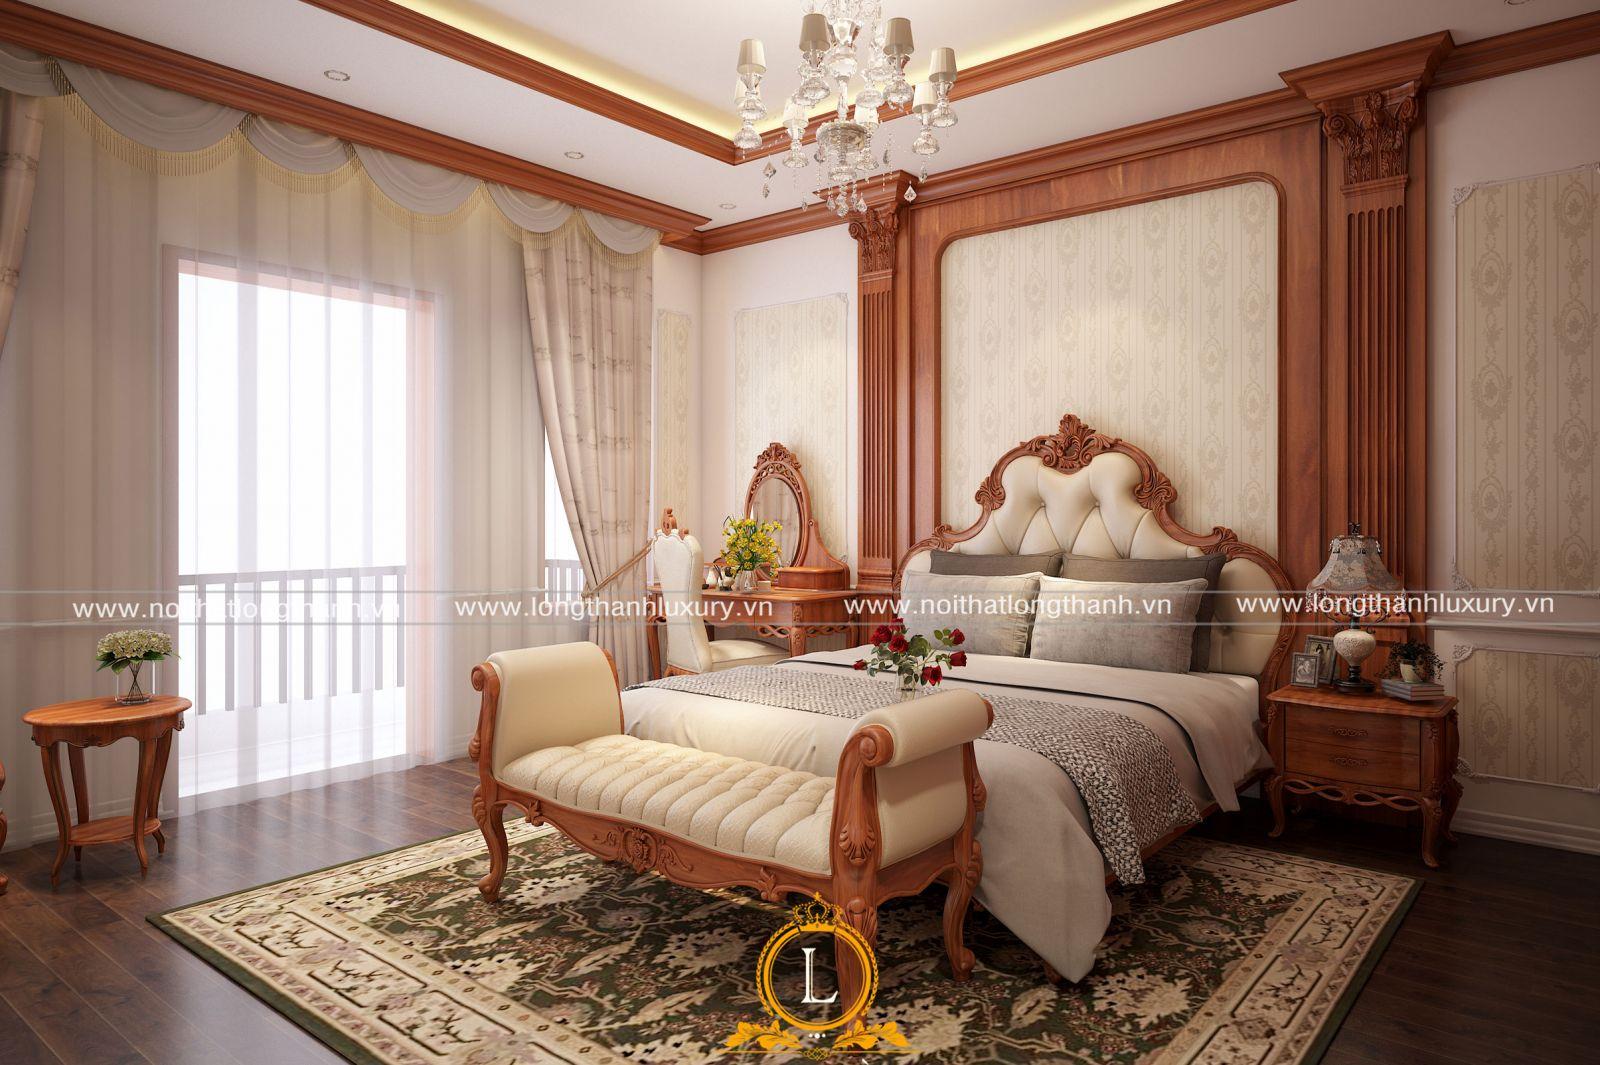 Mẫu táp đầu giường làm bằng gỗ gõ đỏ